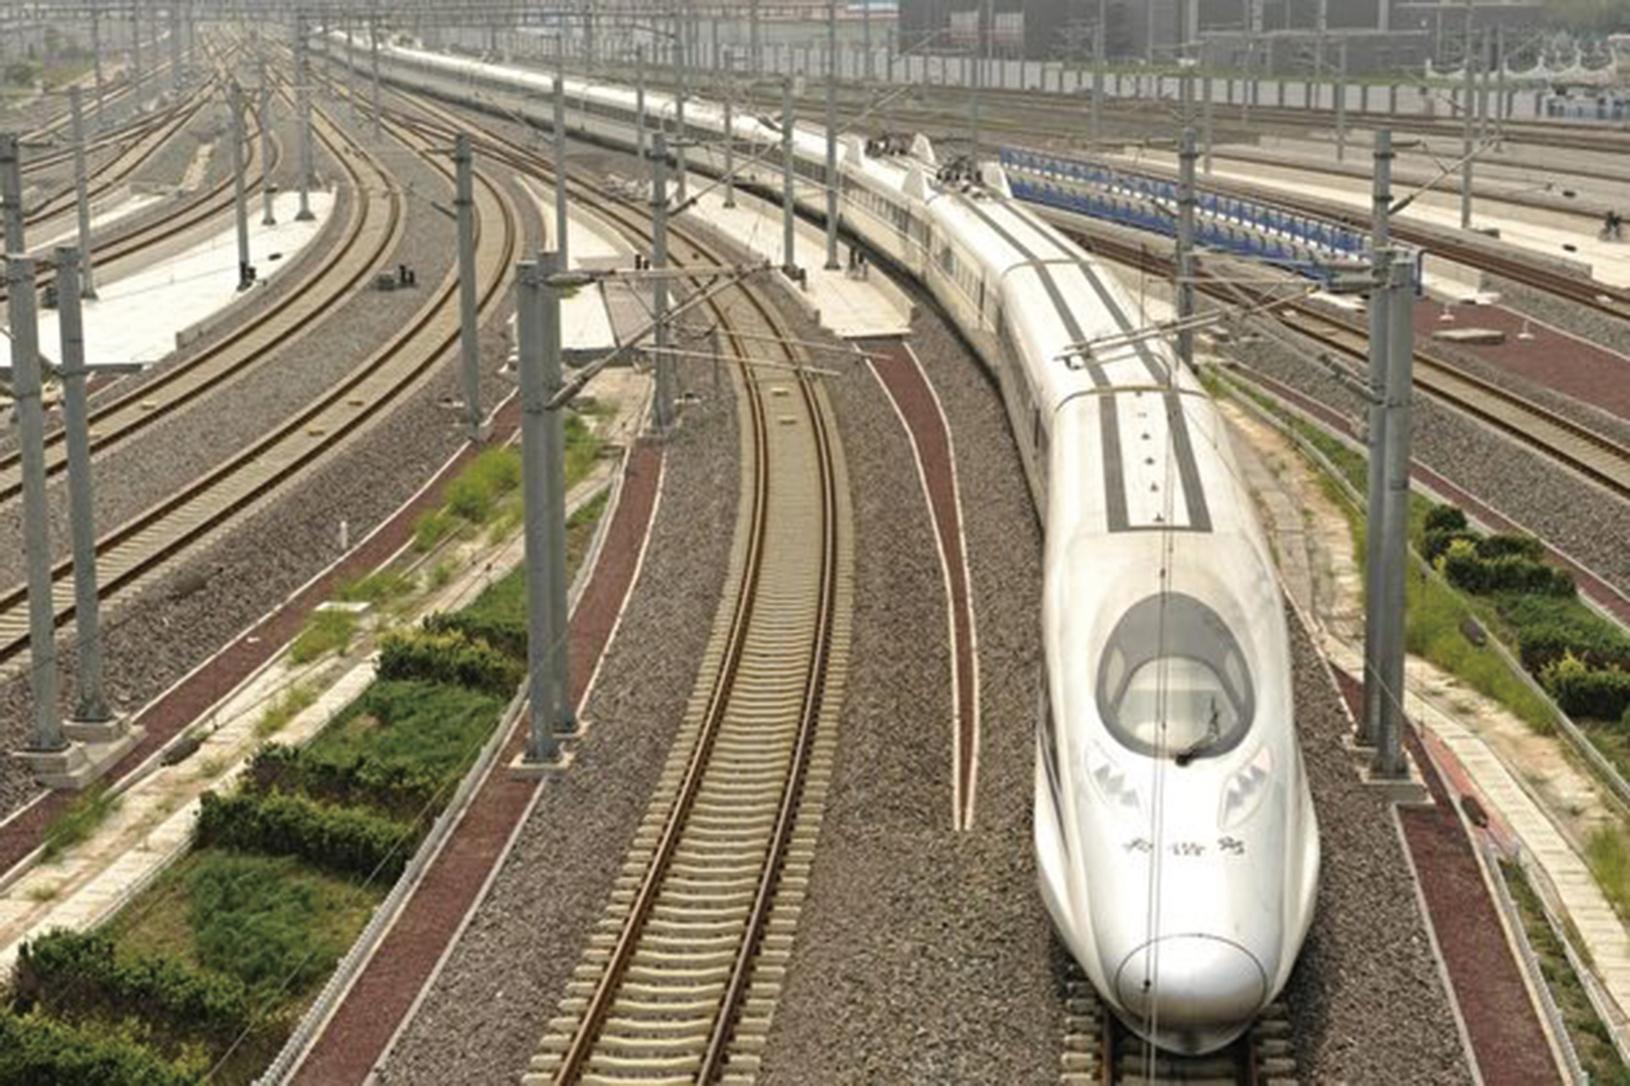 中國鐵路部曾驕傲的說,「中國用六年的時間跨越世界鐵路發達國家一般要三十年的歷程」。(Getty Images)